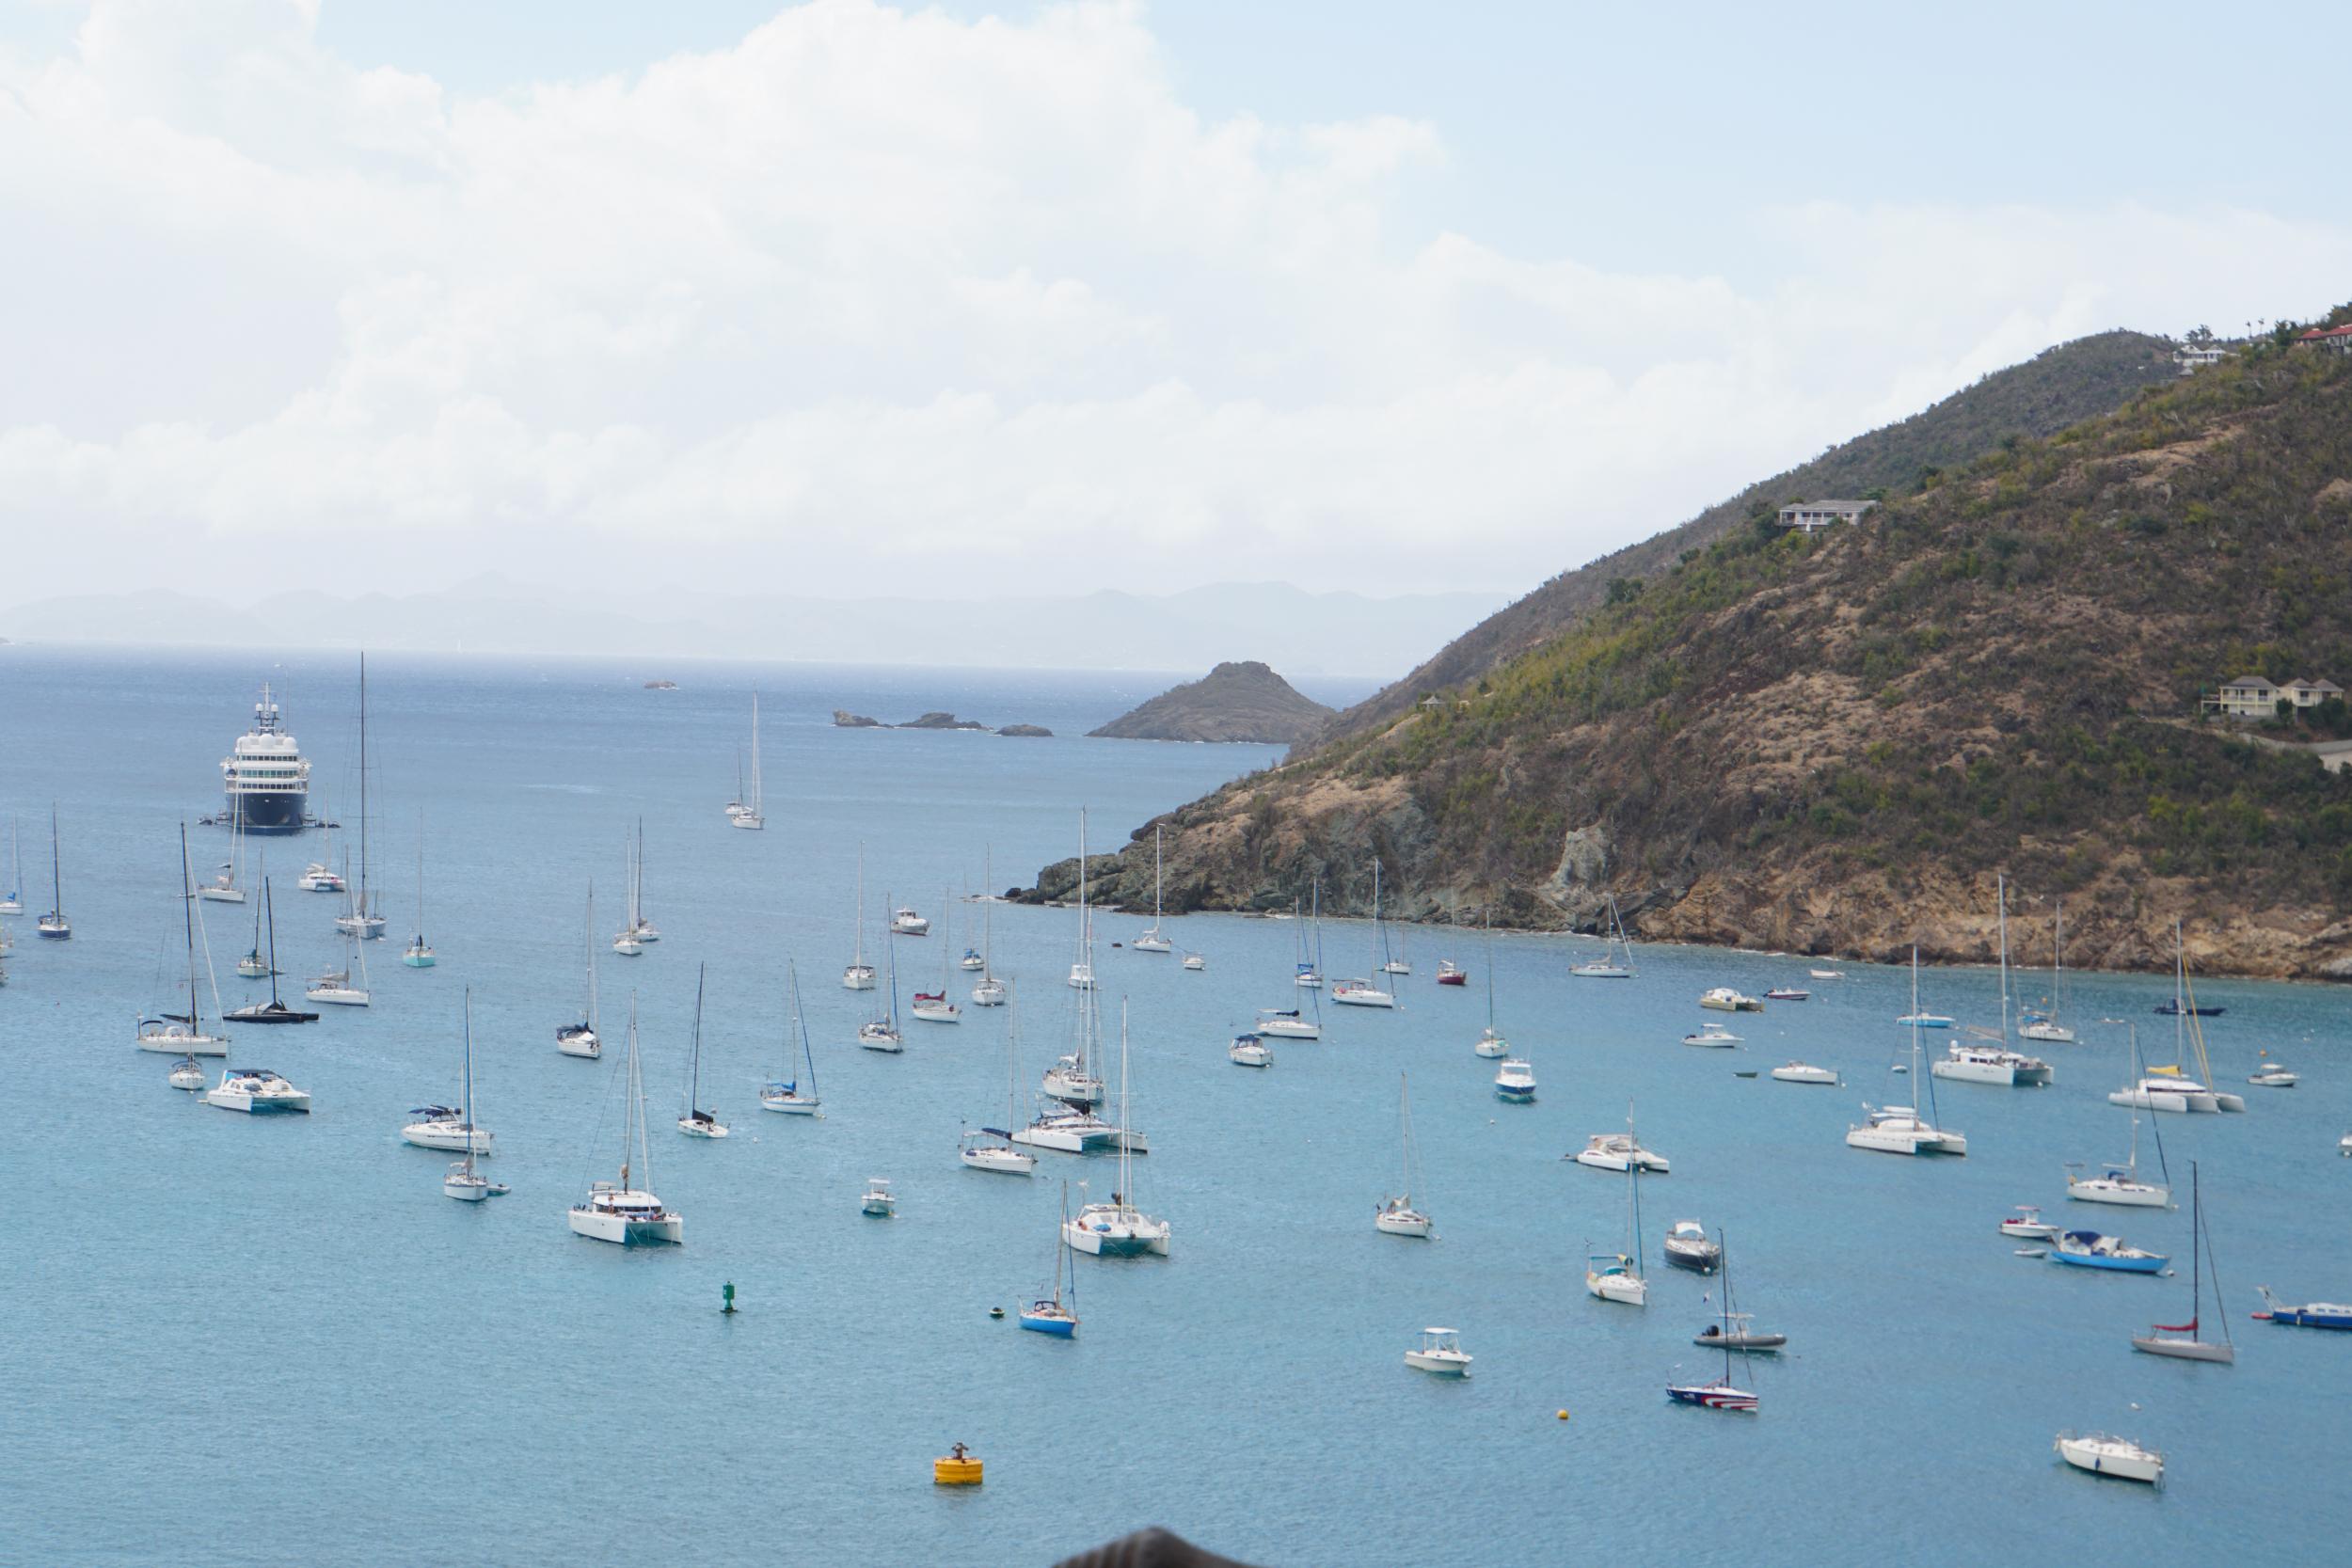 6. Boats outside Gustavia for Race Week